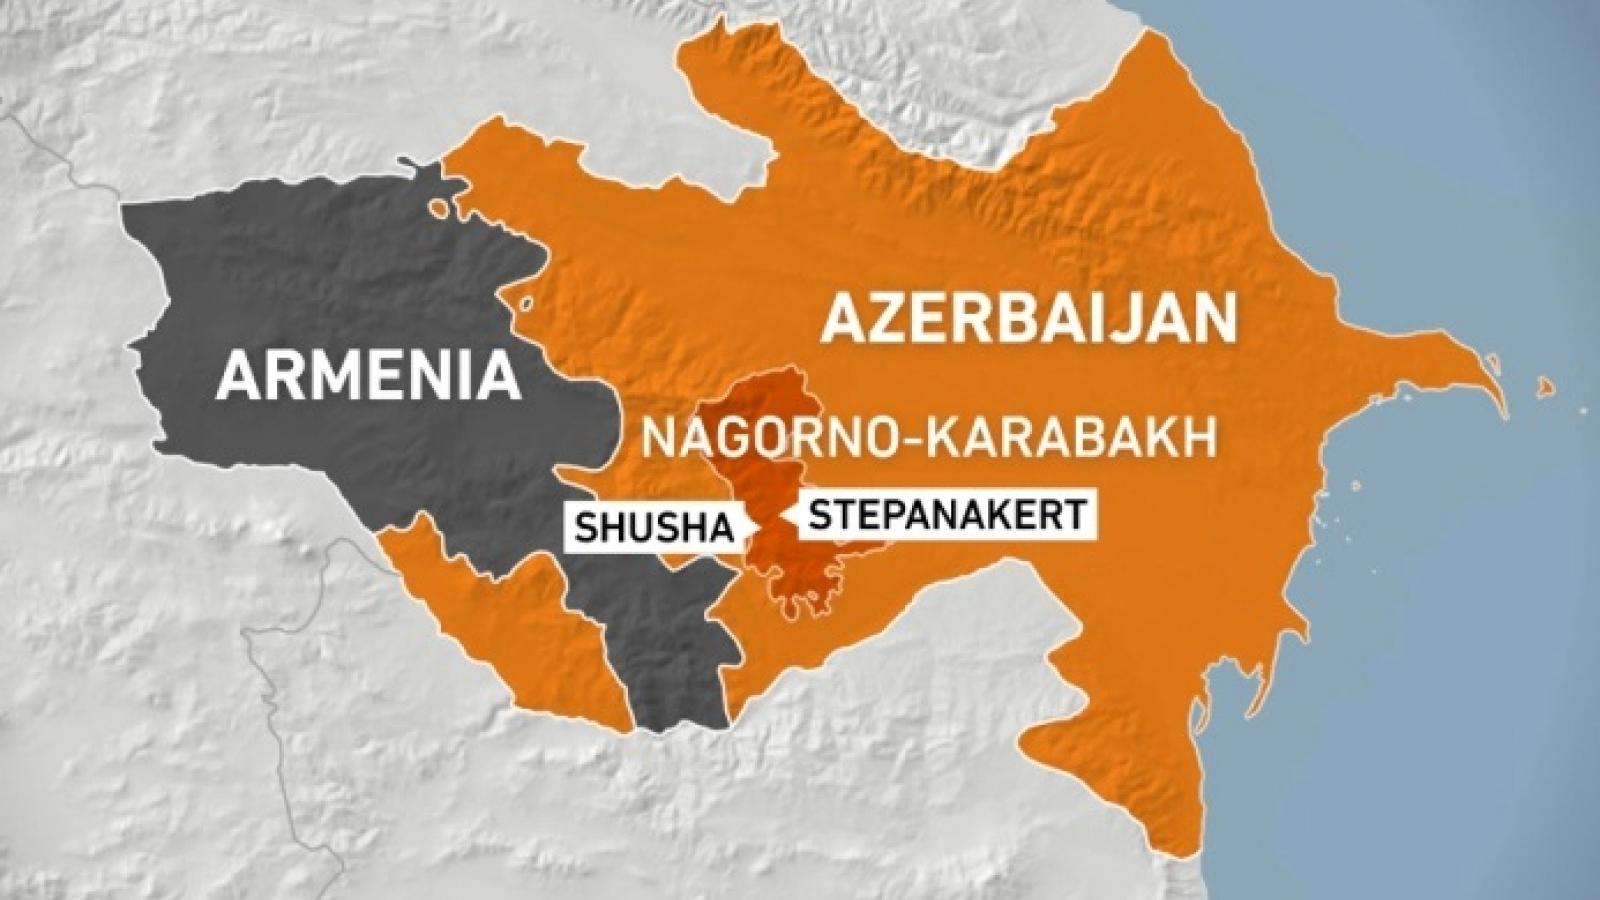 Azerbaijan bắt đầu tiếp nhận quyền kiểm soát các vùng ở Nagorno-Karabakh